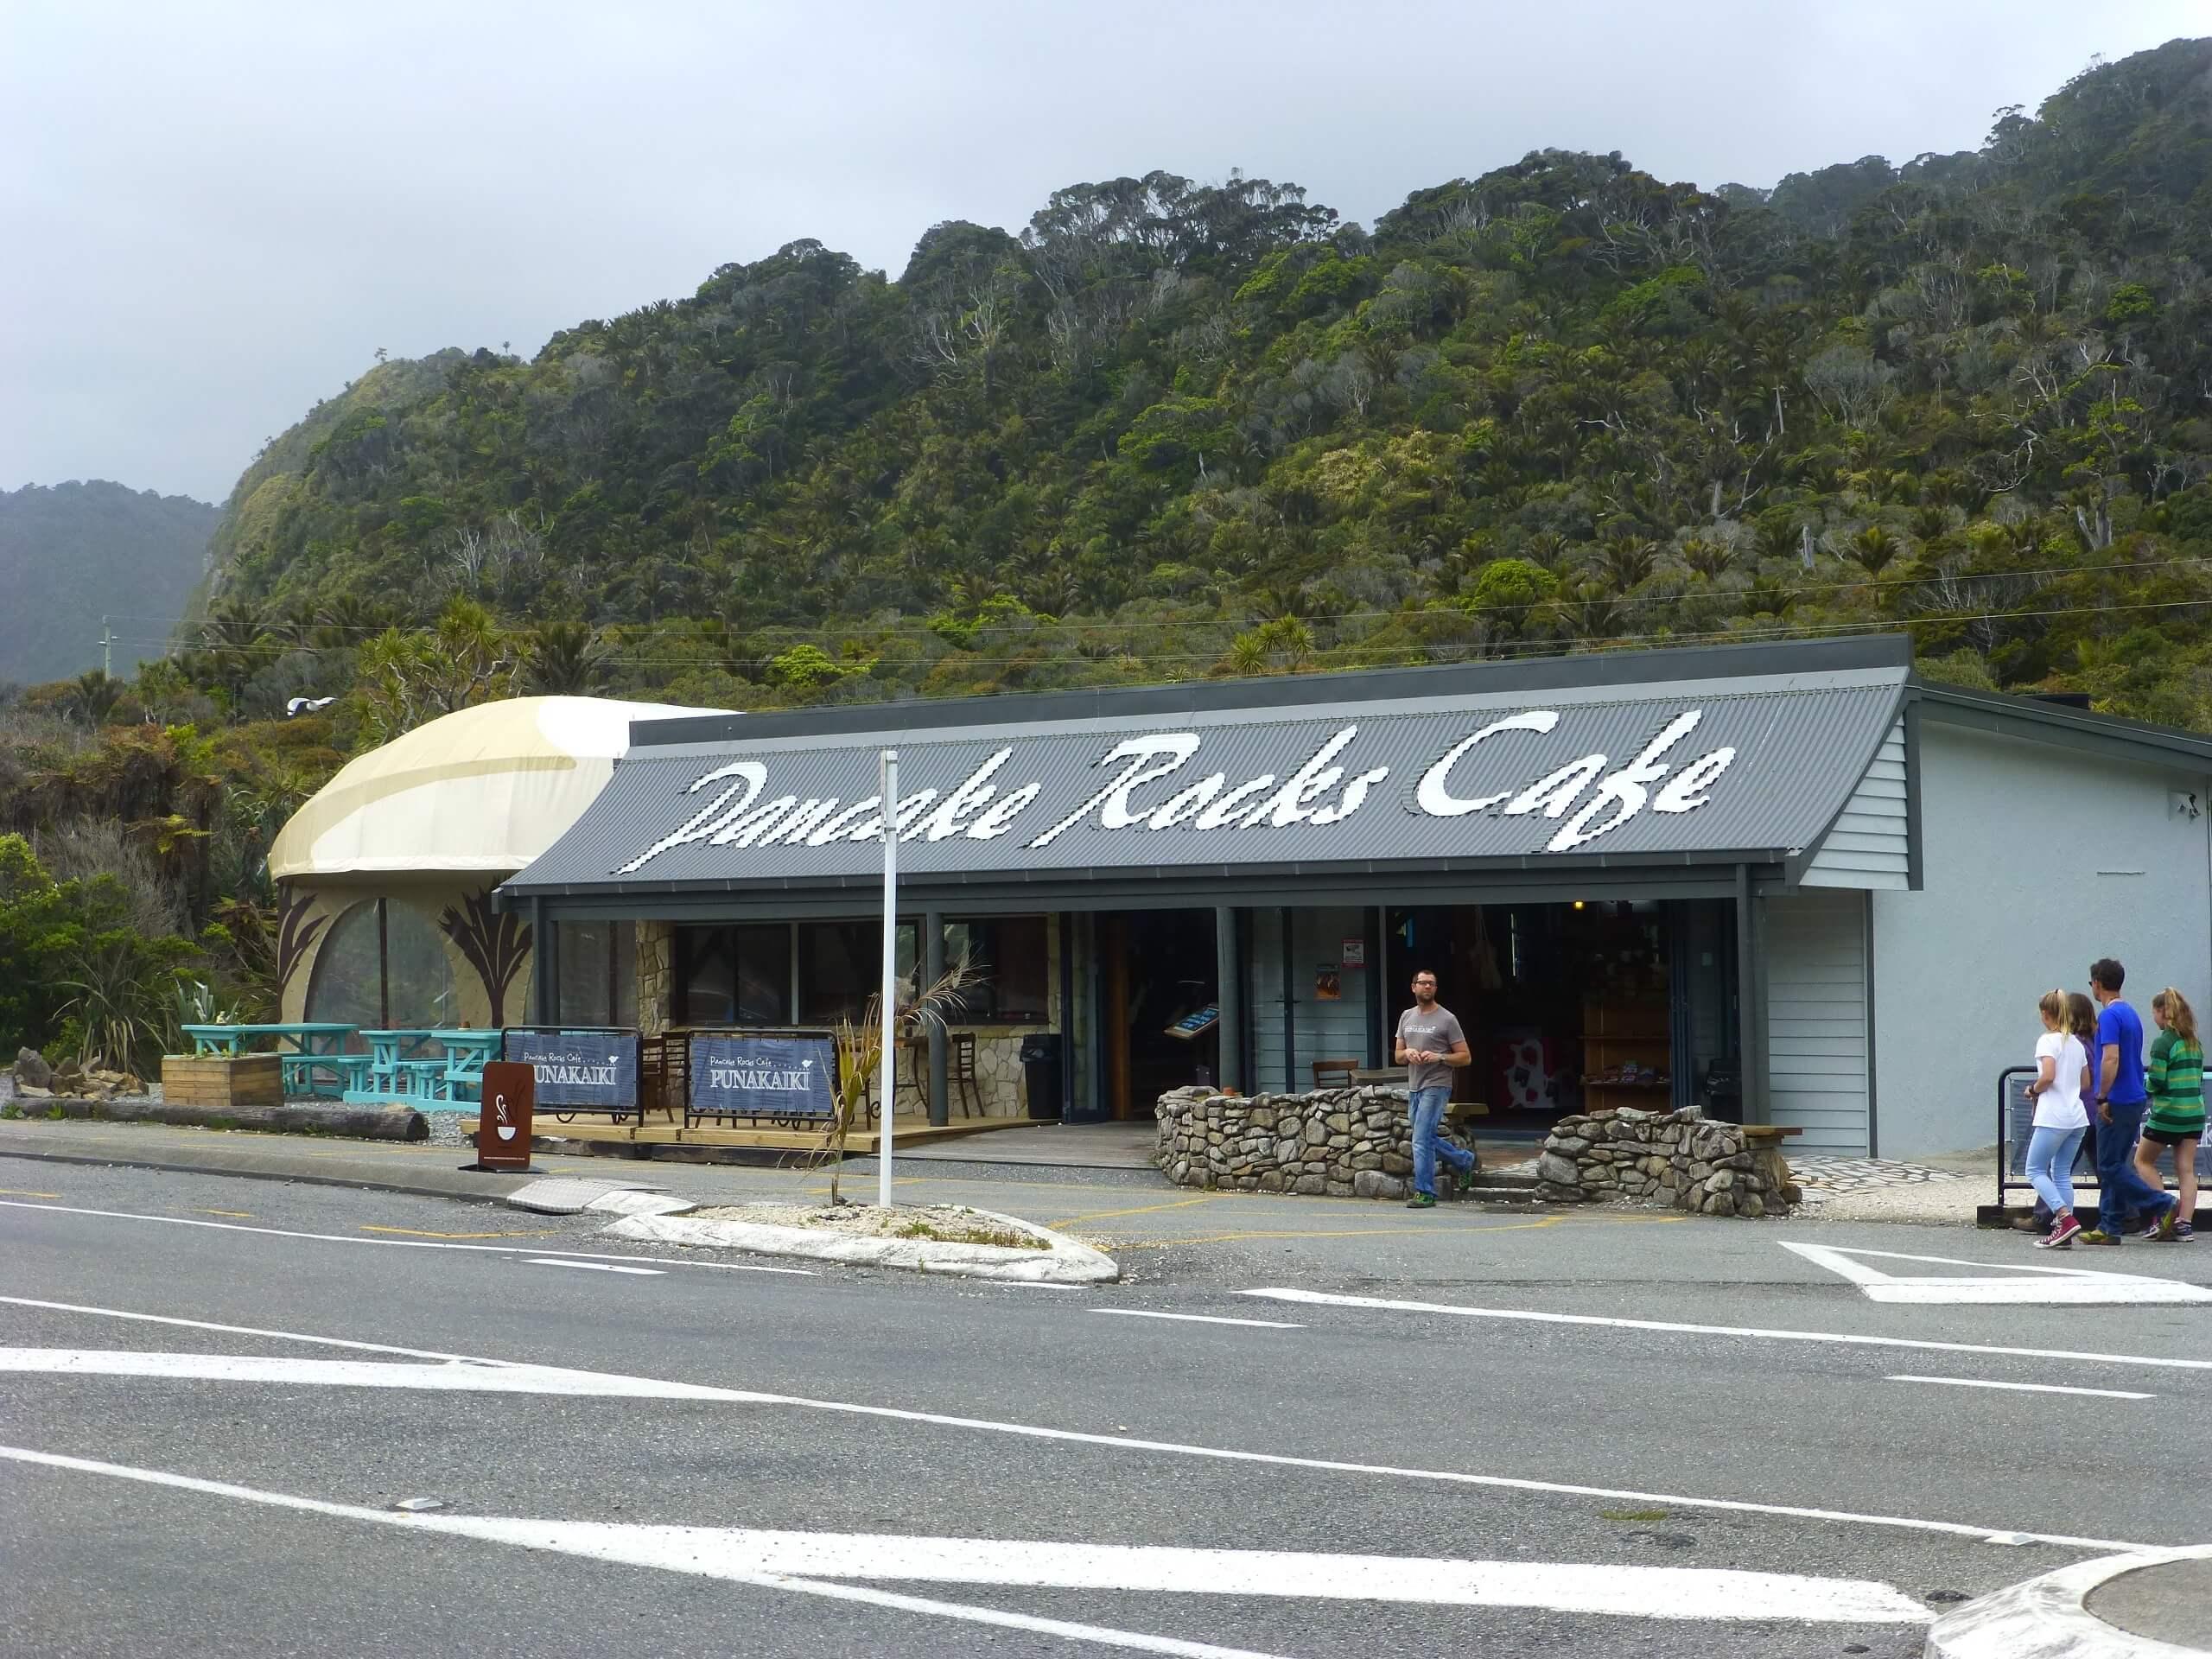 Pancake Rocks Cafe 2